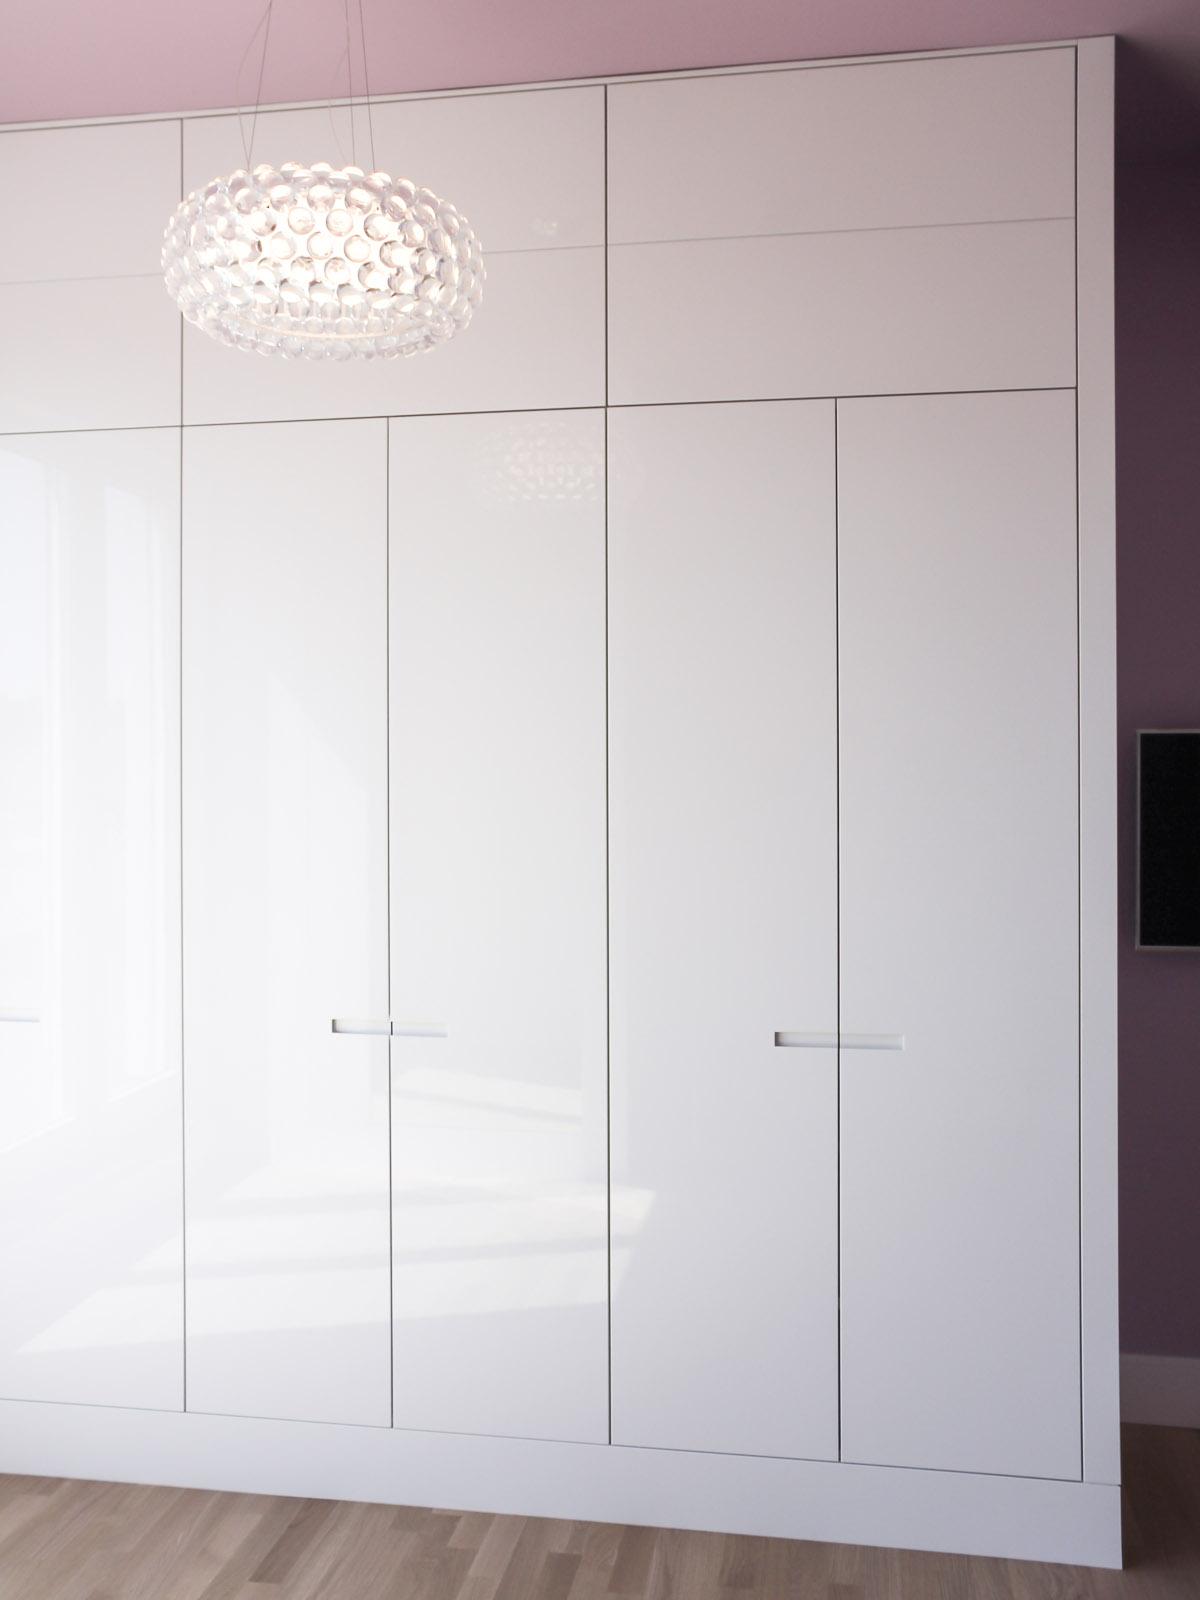 schrank nach ma berlin einbauschrank kleiderschrank tischlerei f r exklusiven m belbau und. Black Bedroom Furniture Sets. Home Design Ideas